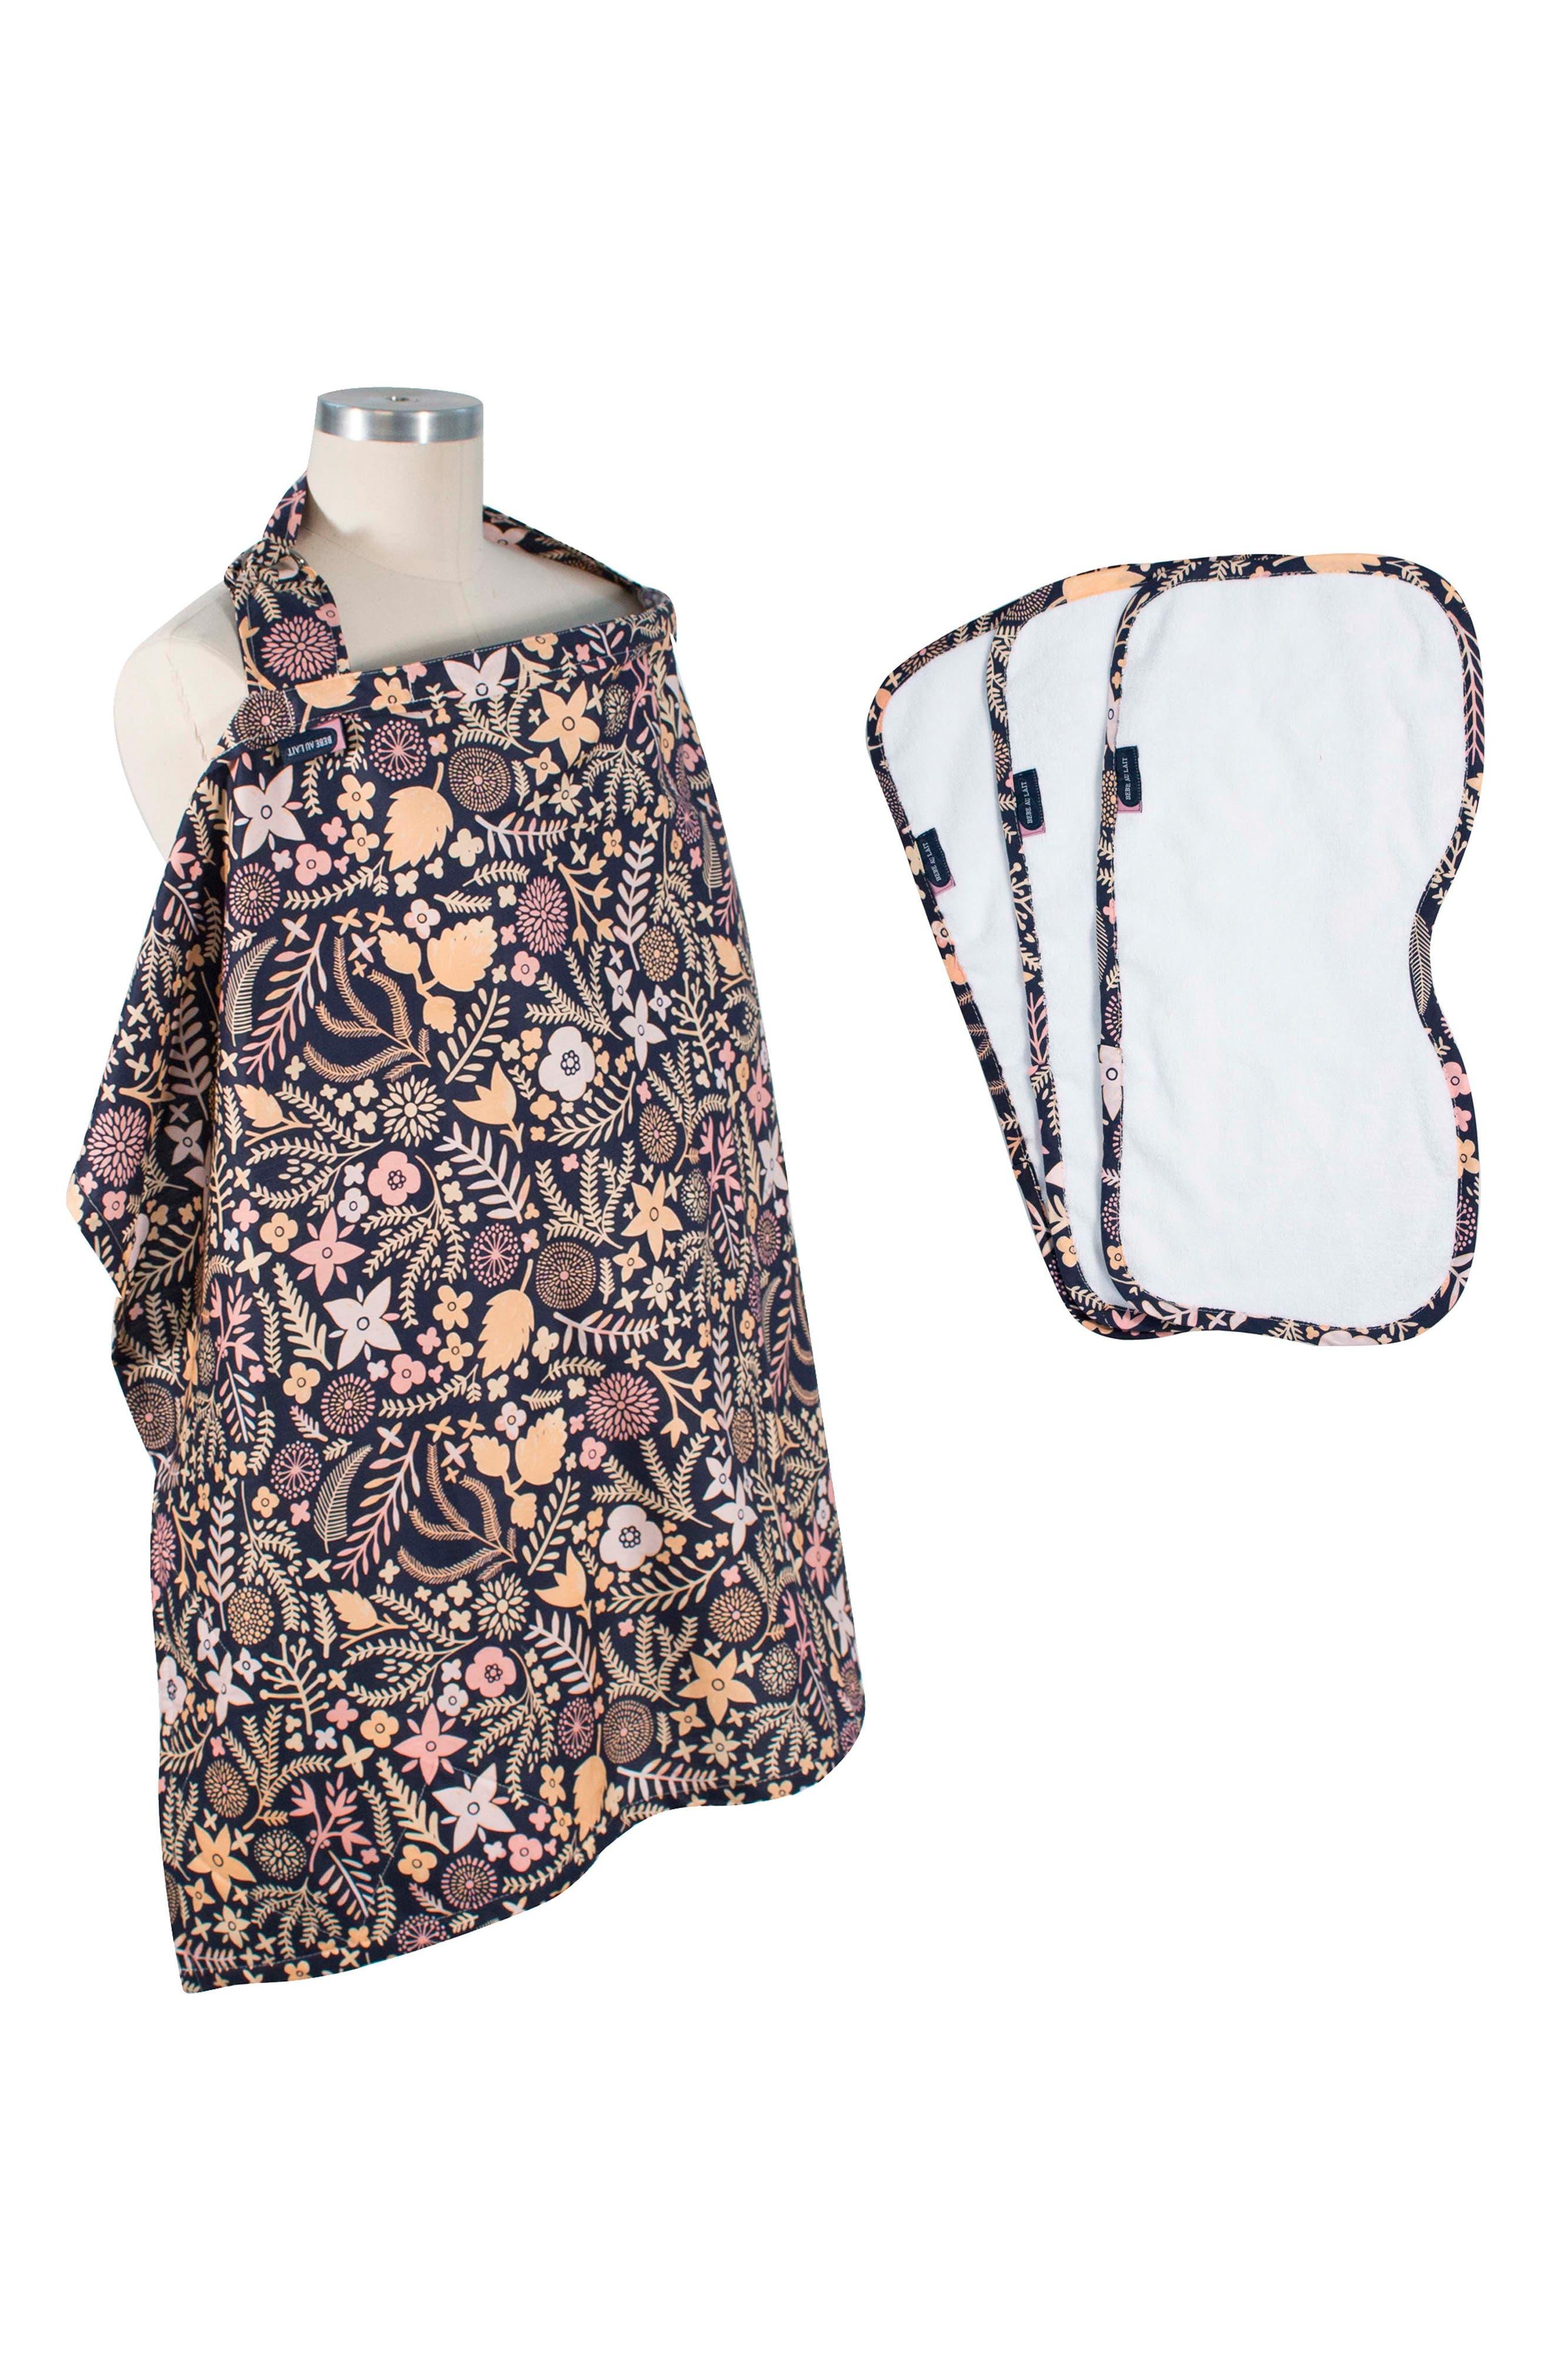 Floral Print Cover & 3-Pack Burp Cloths,                             Main thumbnail 1, color,                             HAVEN